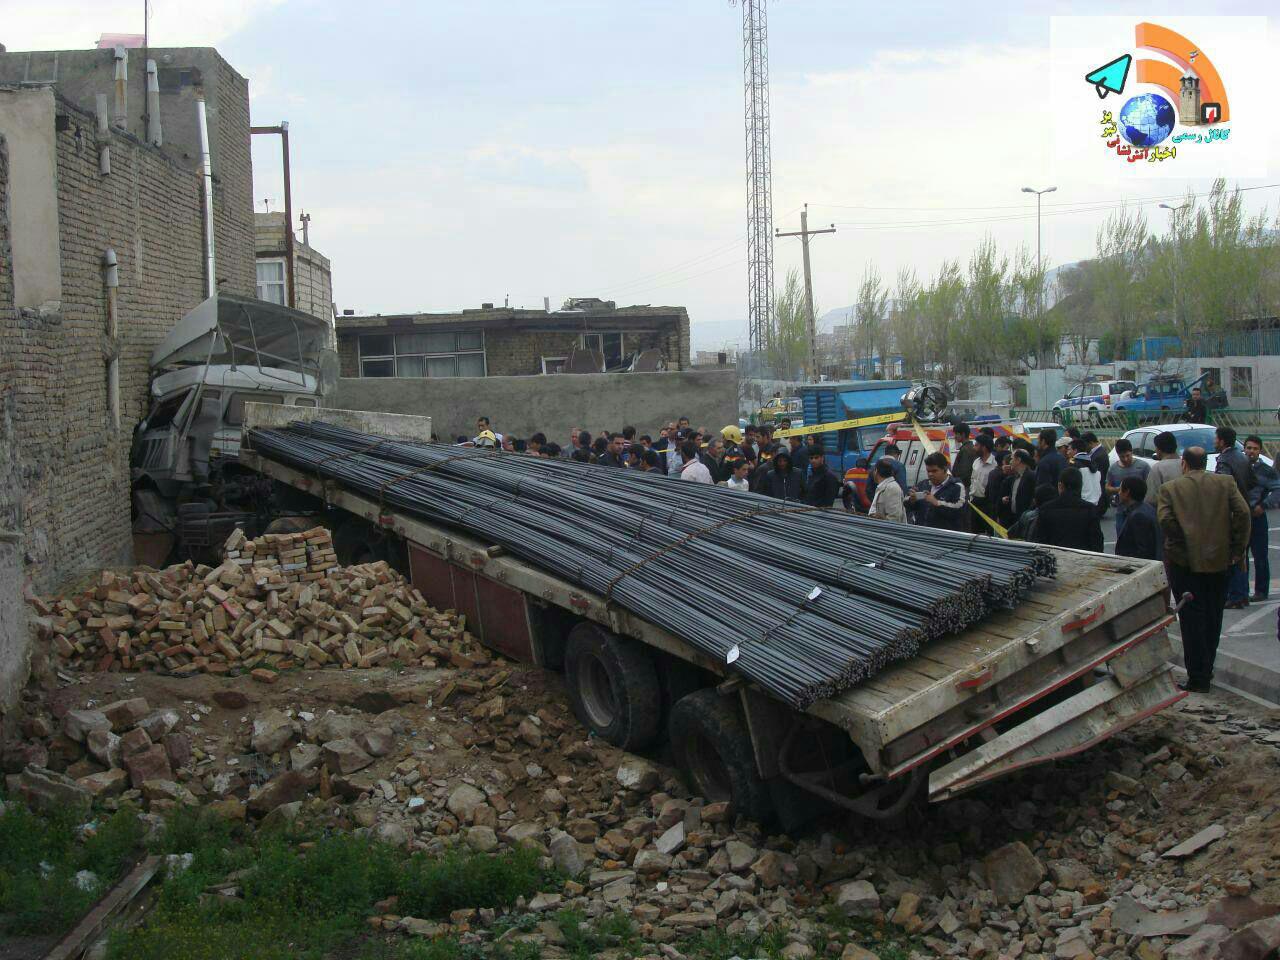 ورود تریلی حامل میلگرد به منزل مسکونی در تبریز + تصاویر | پایگاه ...تریل 5 تریل ...